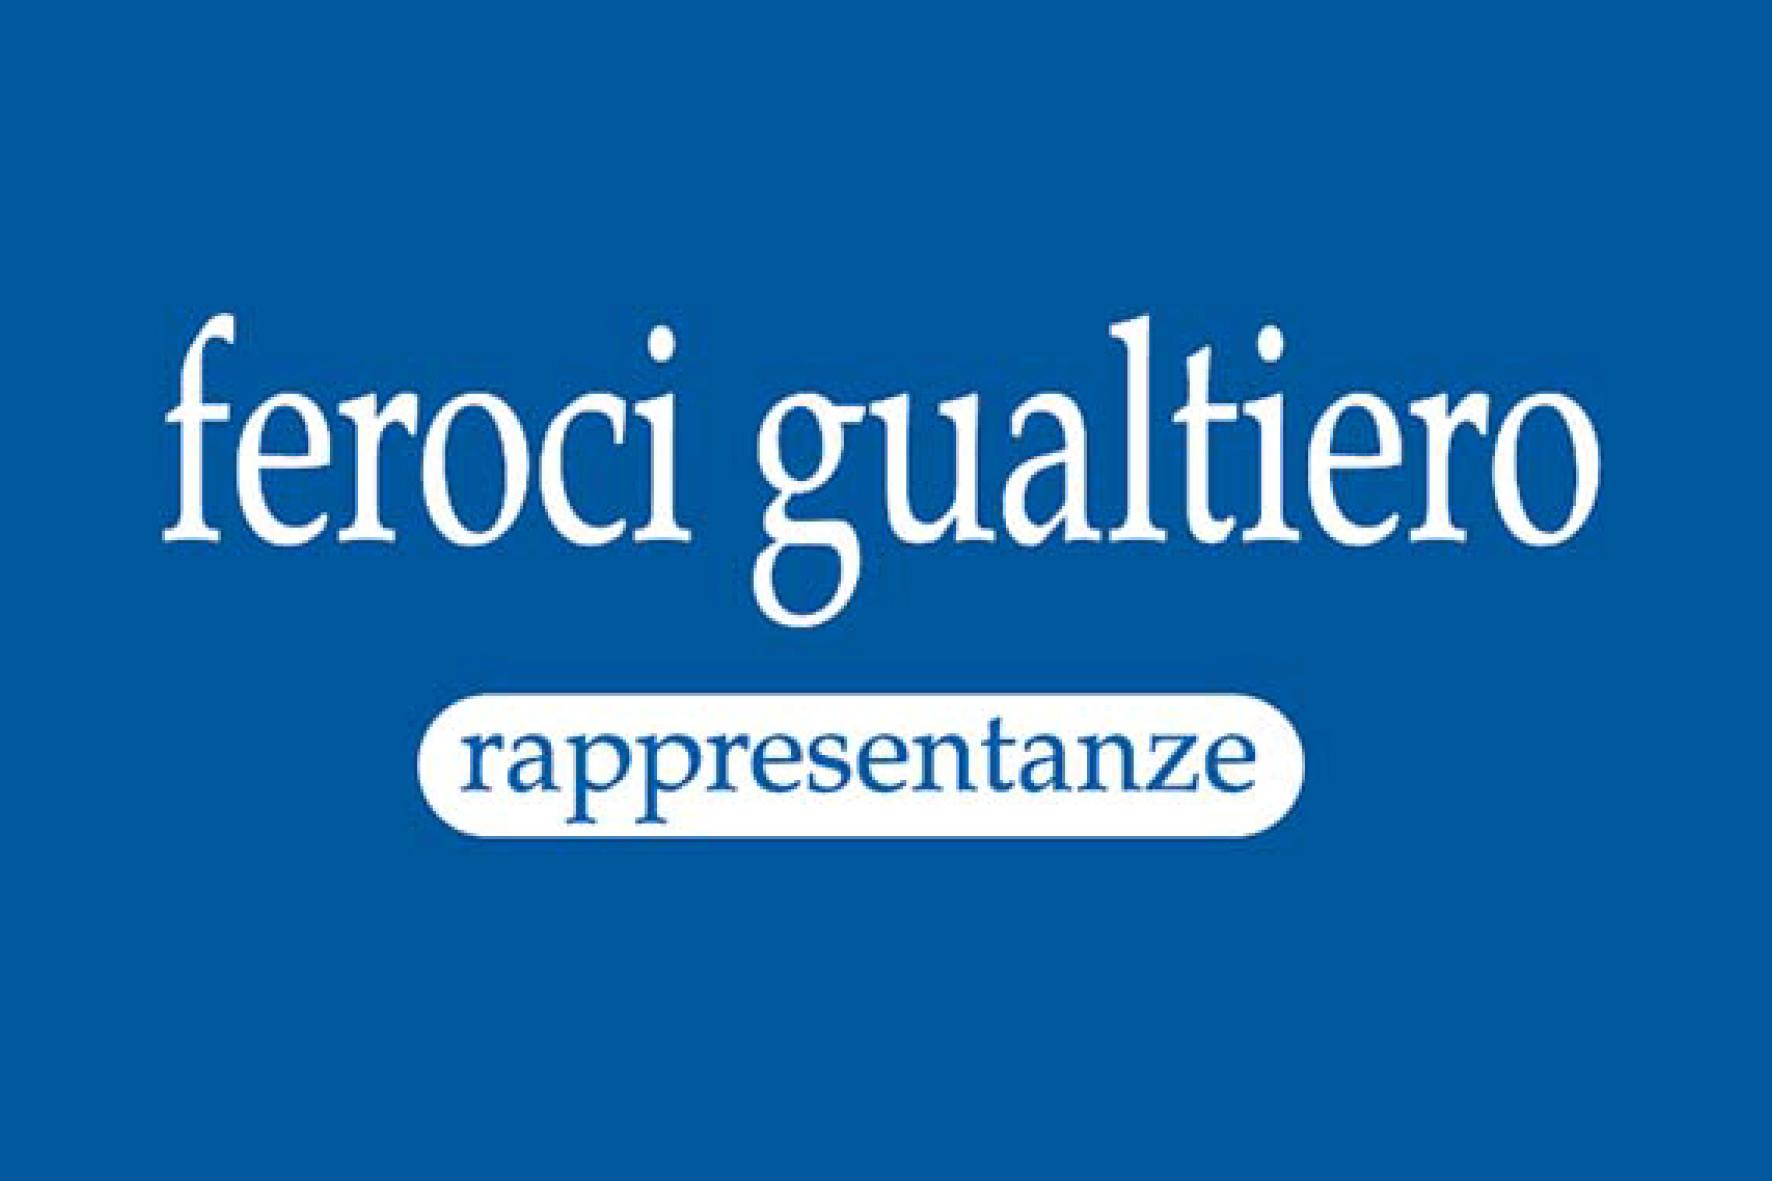 http://www.sutorbasket.it/wp-content/uploads/2019/02/feroci_gualtiero.jpg